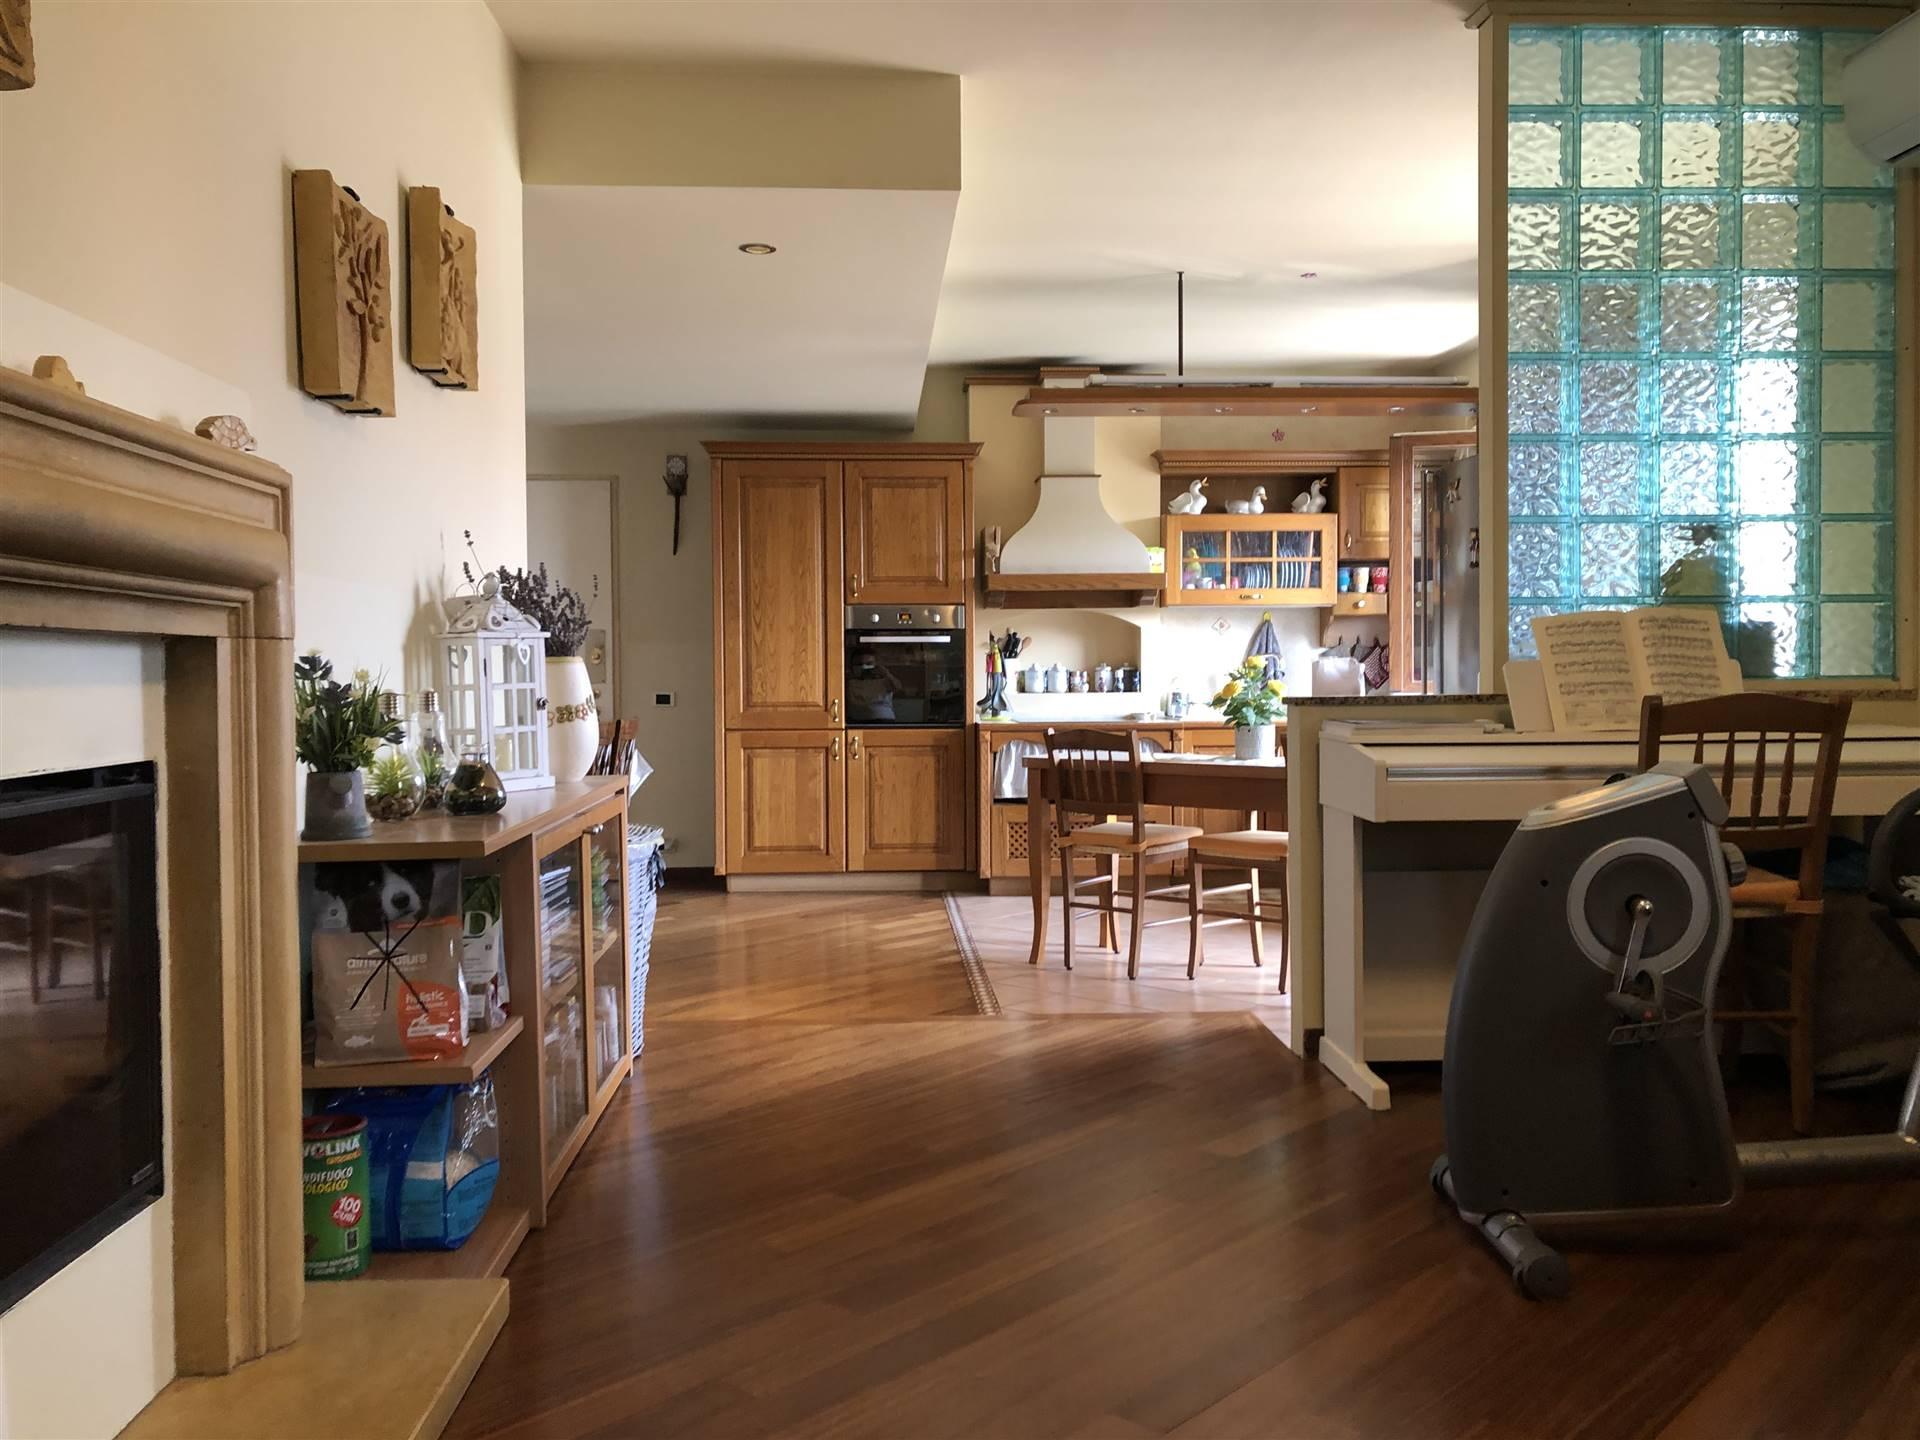 Vendiamo a Spirano in quartiere residenziale bell' appartamento quadrilocale posto al piano primo, in un contesto di sole quattro unità, composto da